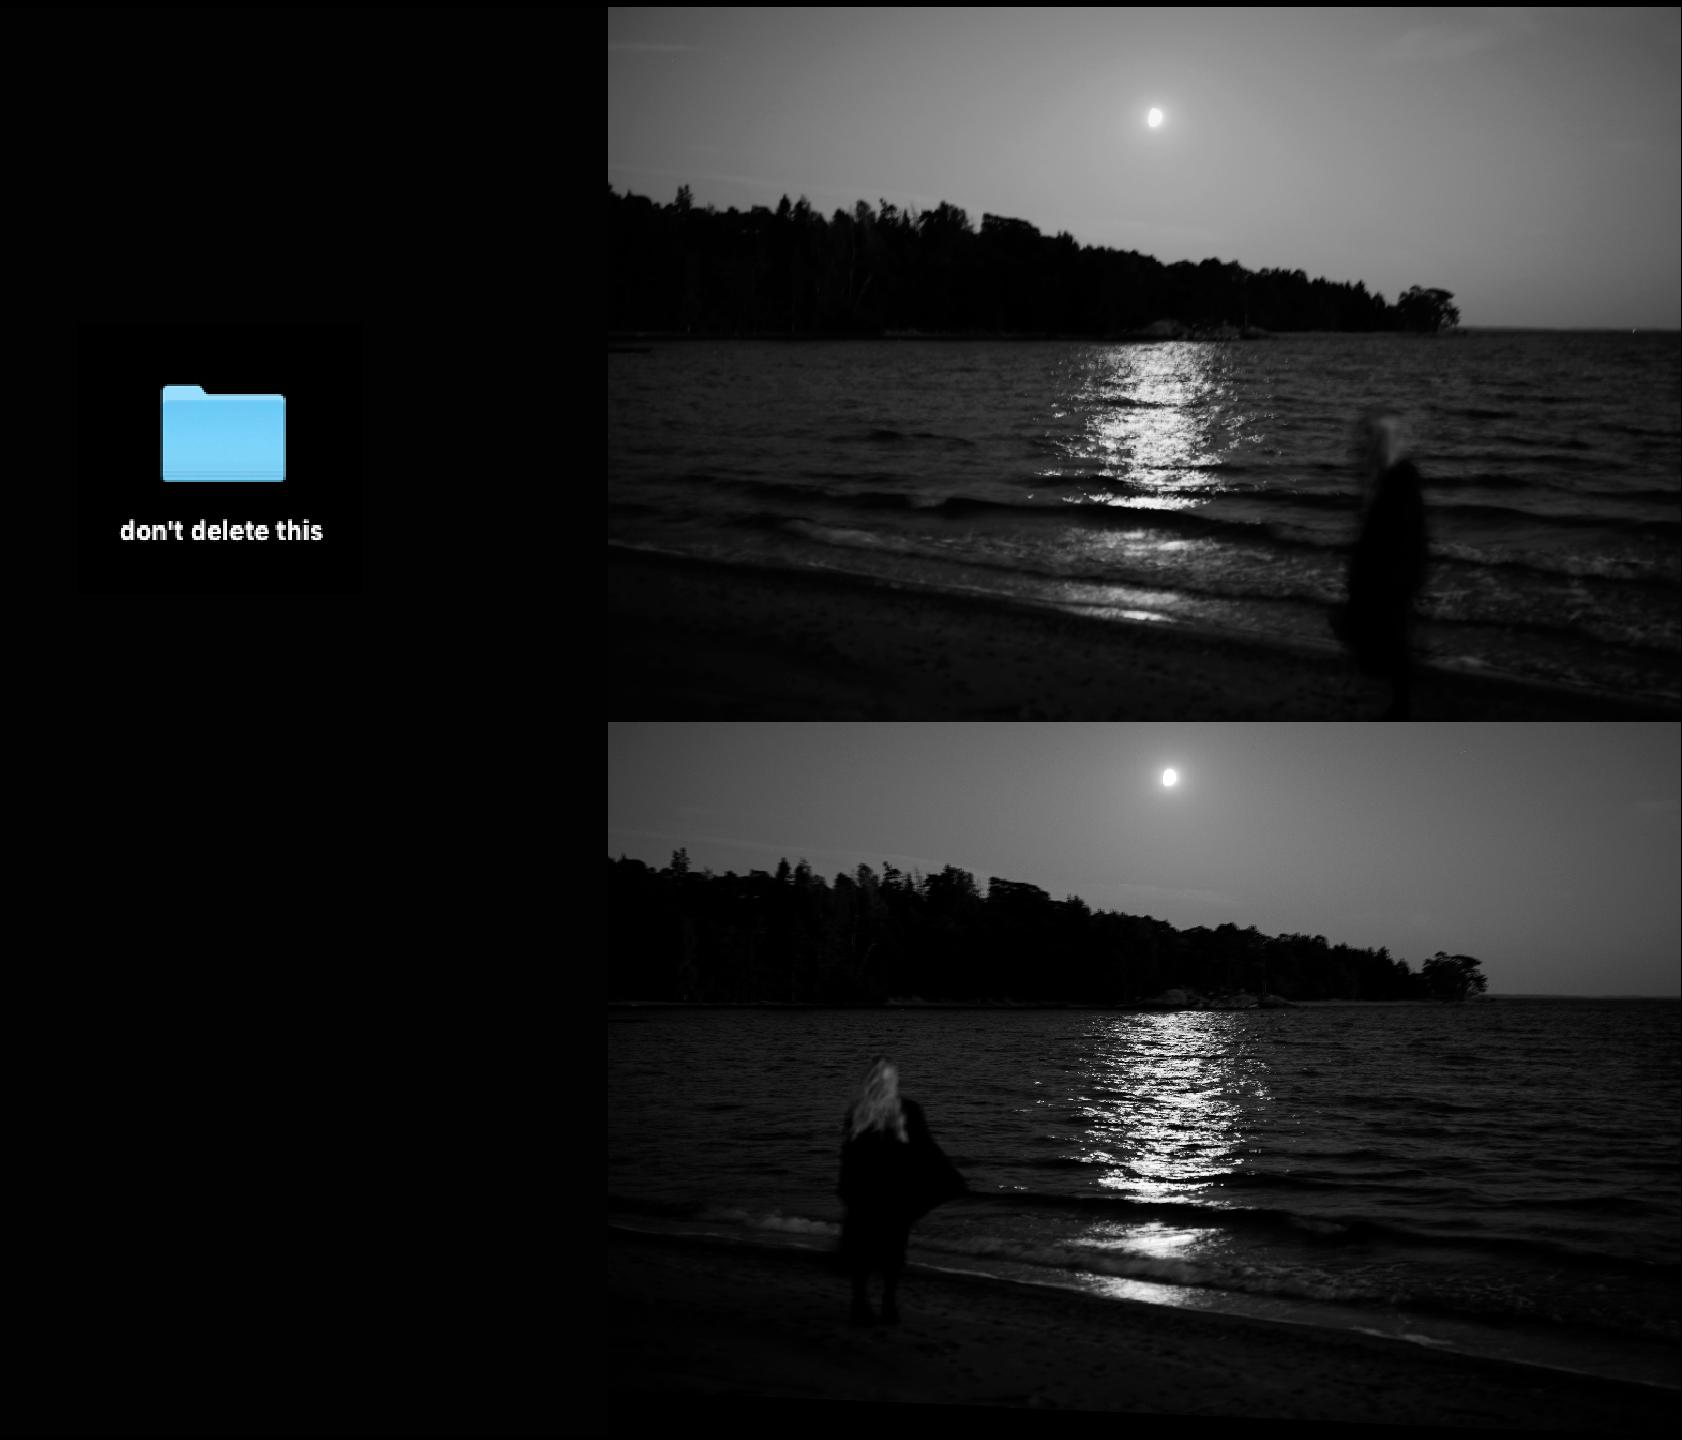 Screen Shot 2018-11-05 at 22.12.10.png